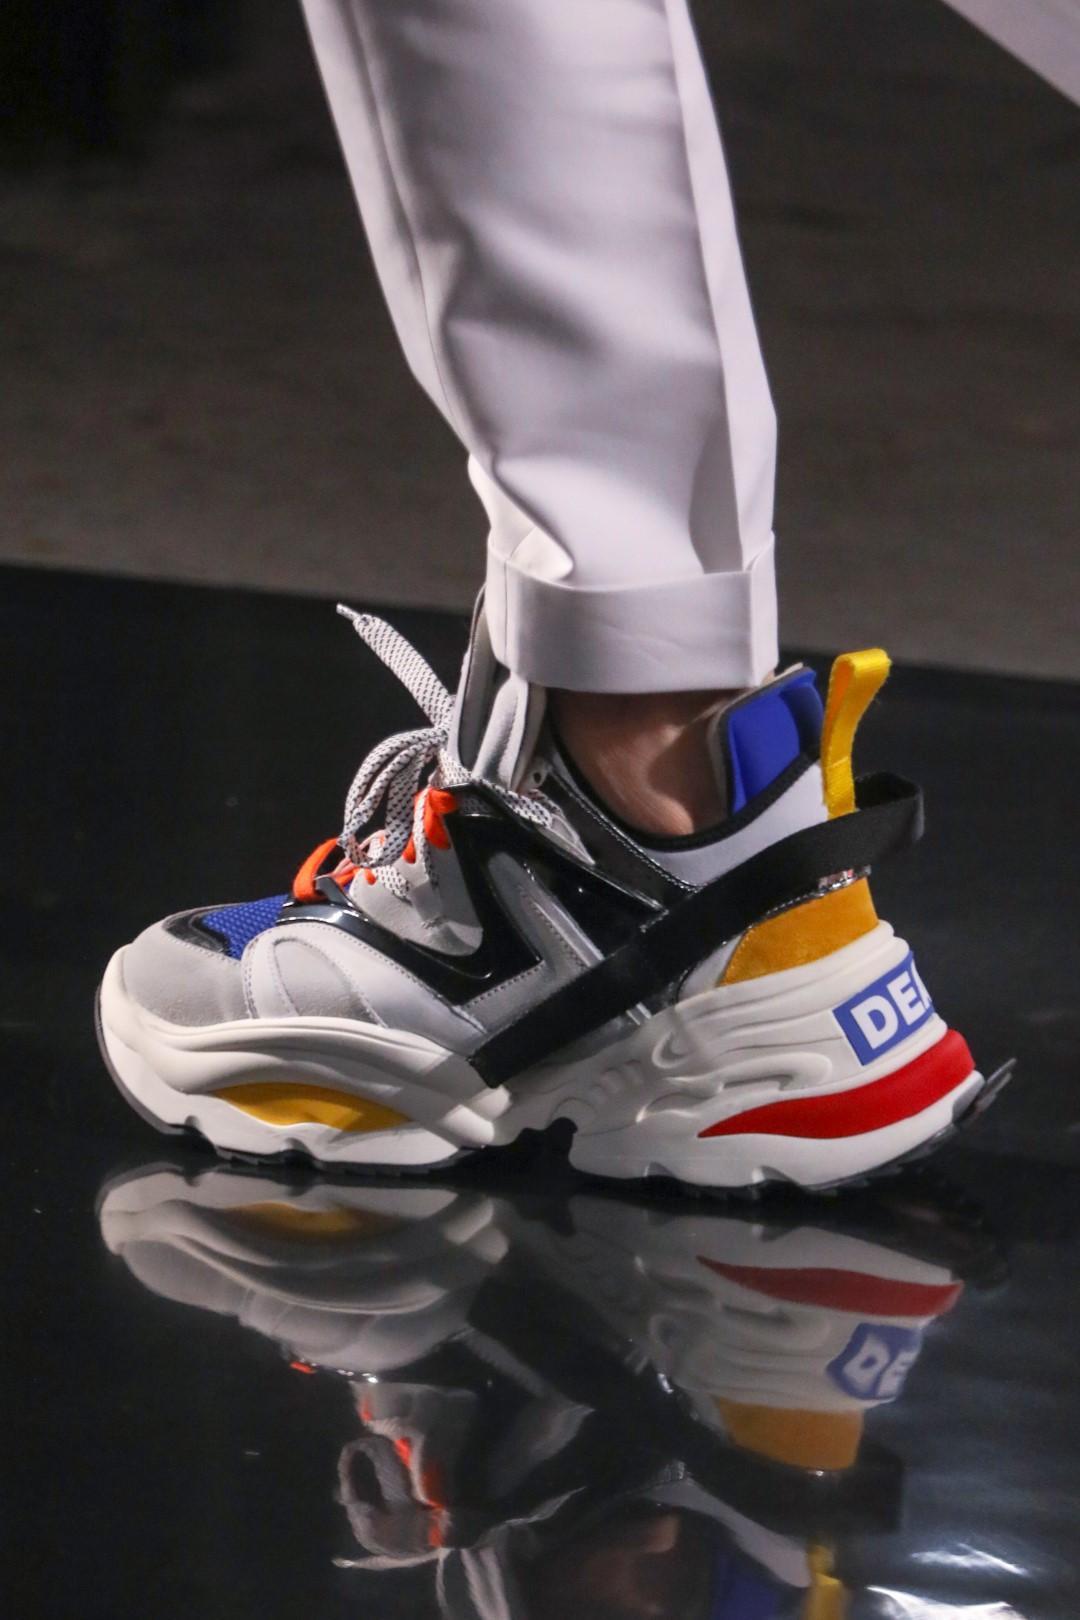 Moda uomo: 'chunky' sneakers o 'dad shoes'? I modelli più desiderati